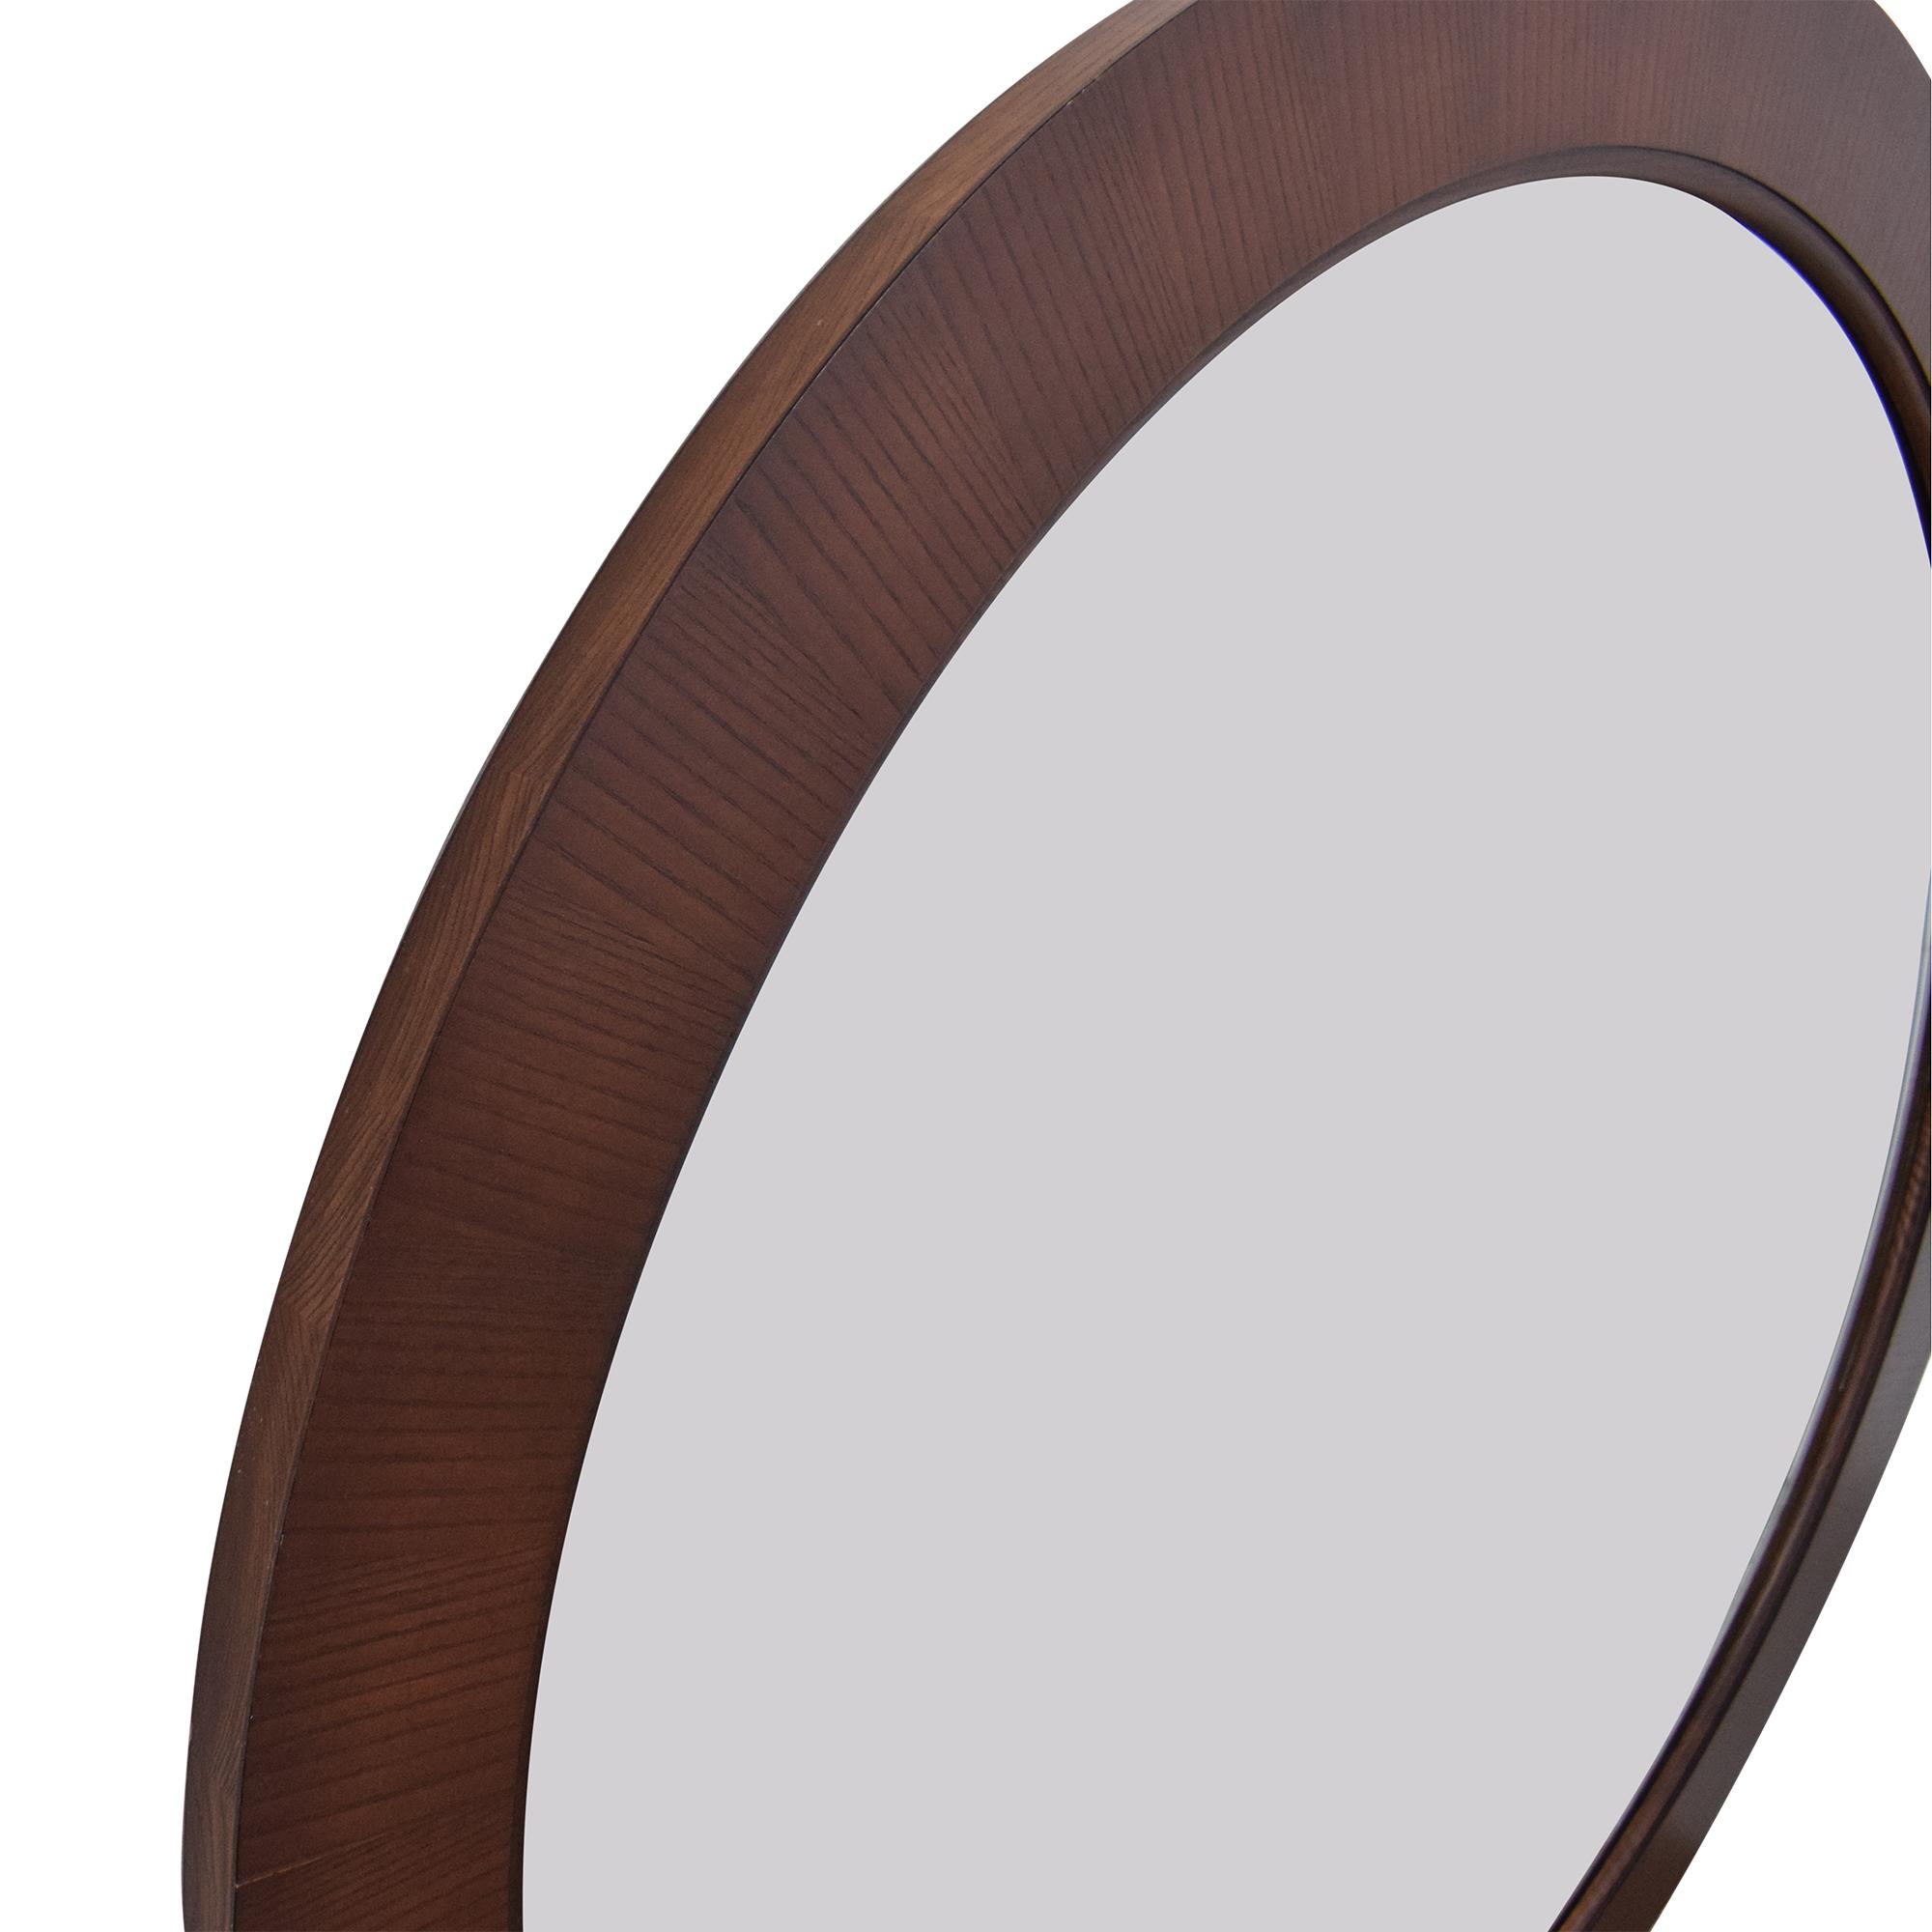 buy Ethan Allen Horizons Round Mirror Ethan Allen